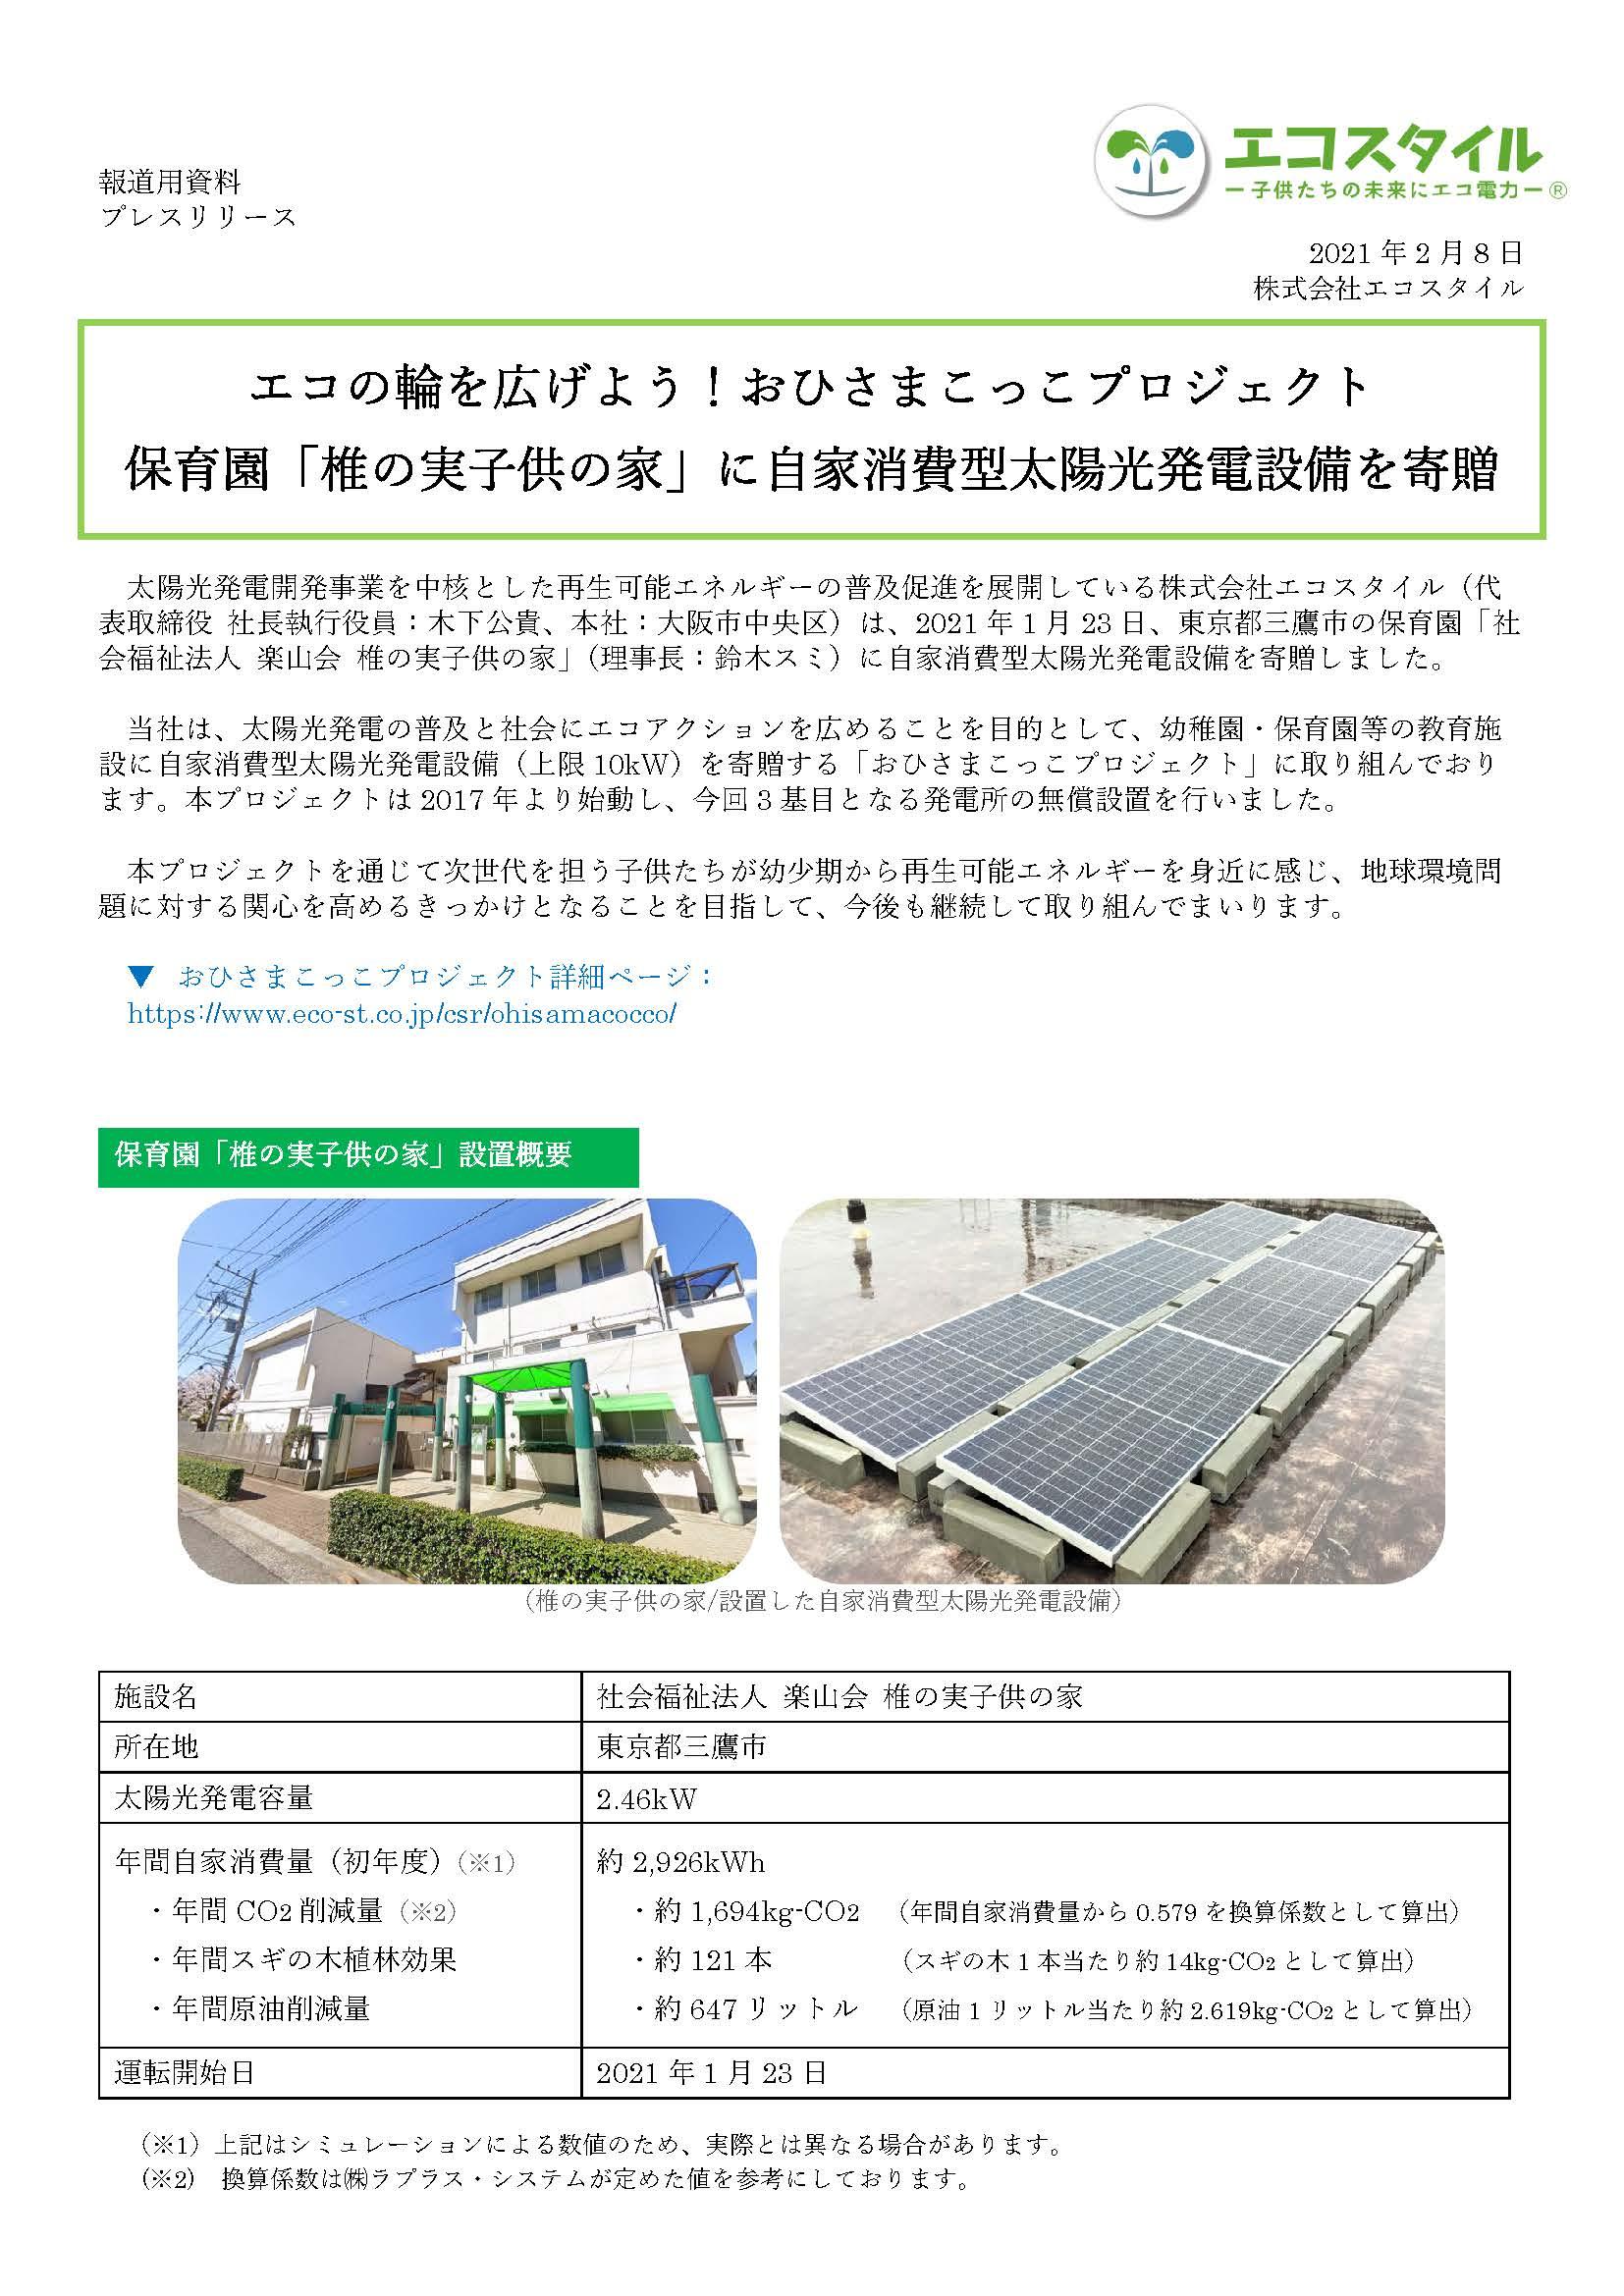 プレスリリース:エコの輪を広げよう!おひさまこっこプロジェクト 保育園「椎の実子供の家」に自家消費型太陽光発電設備を寄贈